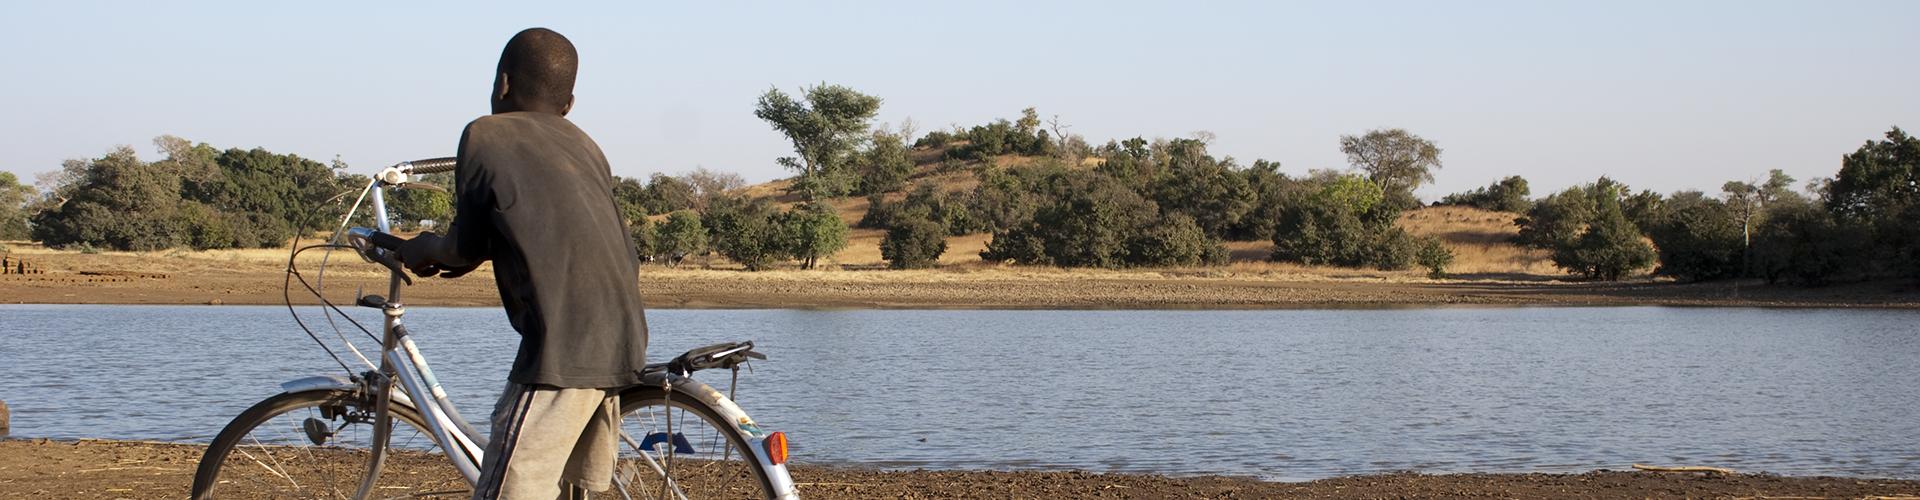 Burkina_0224 Kopie